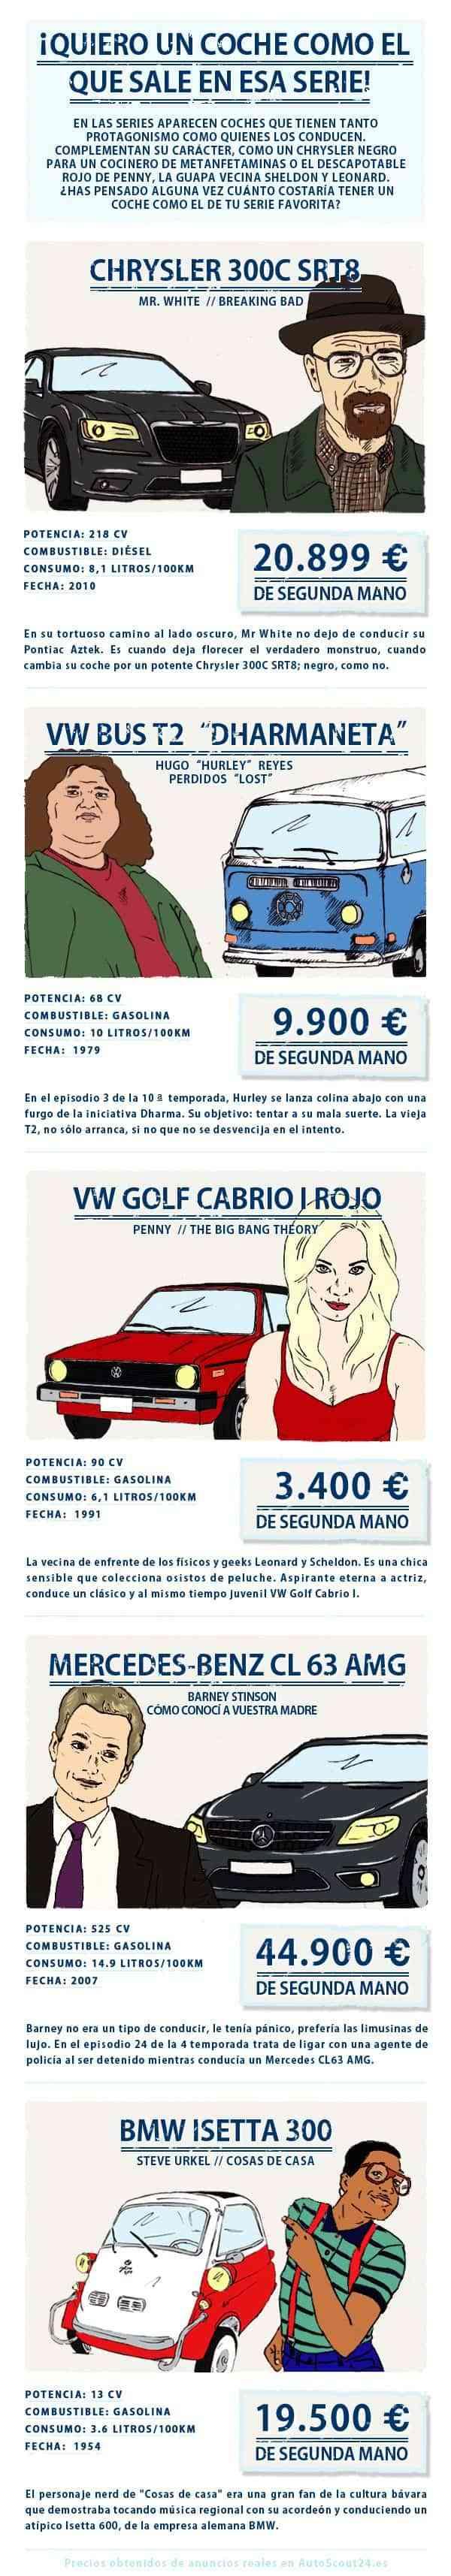 Infografía de coches de series